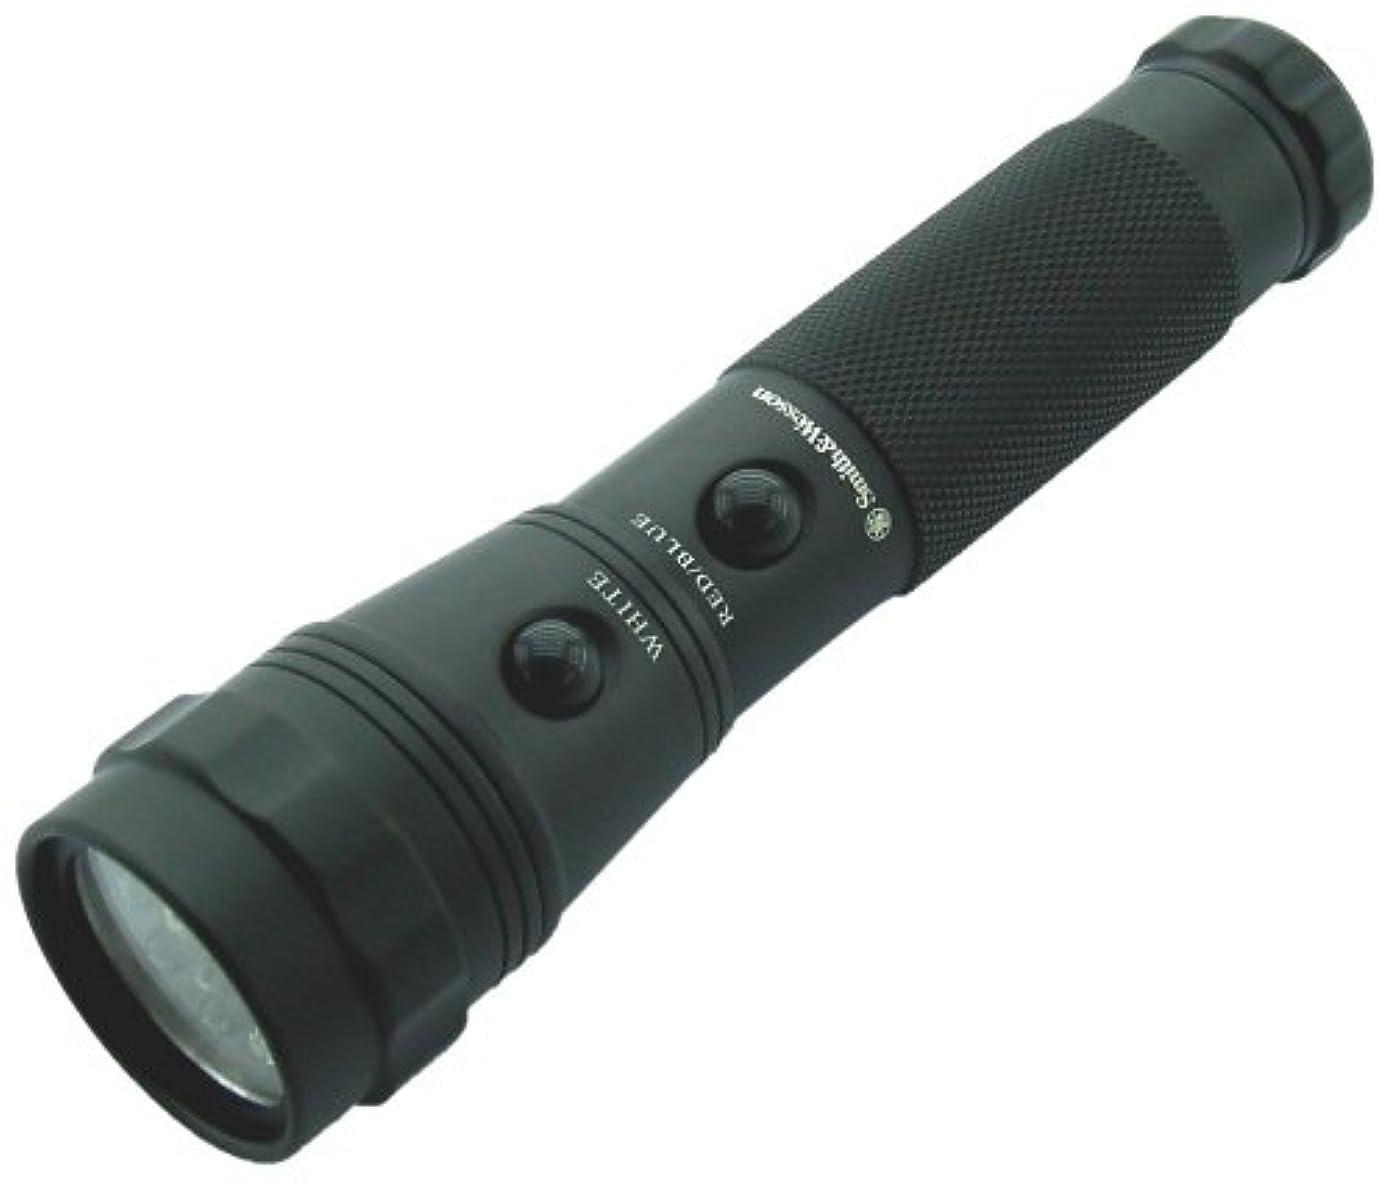 憂慮すべき強制的繰り返したSmith and Wesson Galaxy 12 LED Flashlight by Smith & Wesson